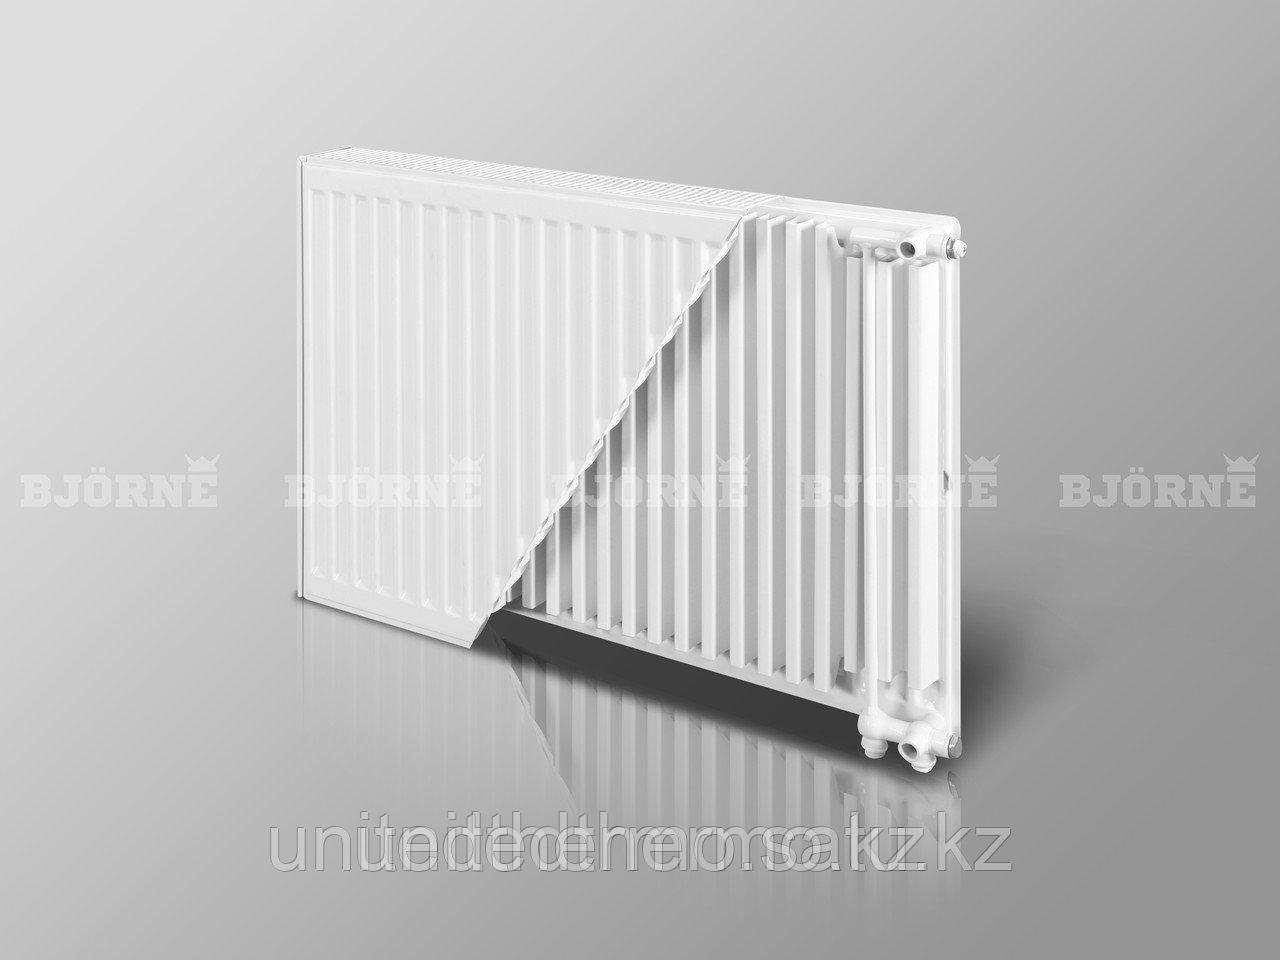 Стальной панельный радиатор Bjorne тип 11VK H600мм*L400мм до L3000мм нижнее подключение